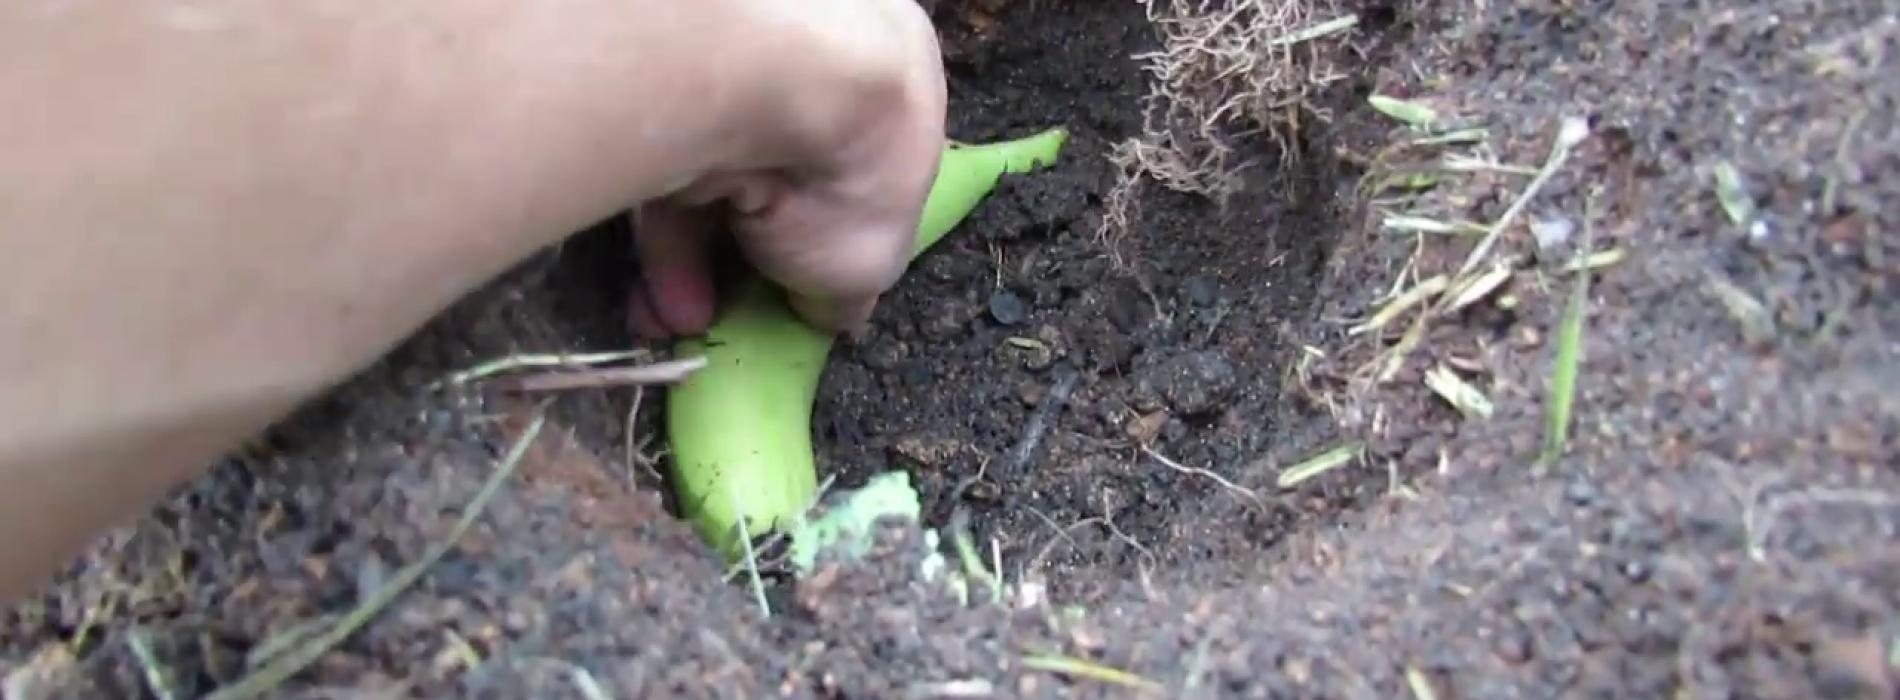 Als je een ei en een banaan naast elkaar in de tuin begraaft, krijg je een aantal verbluffende resultaten